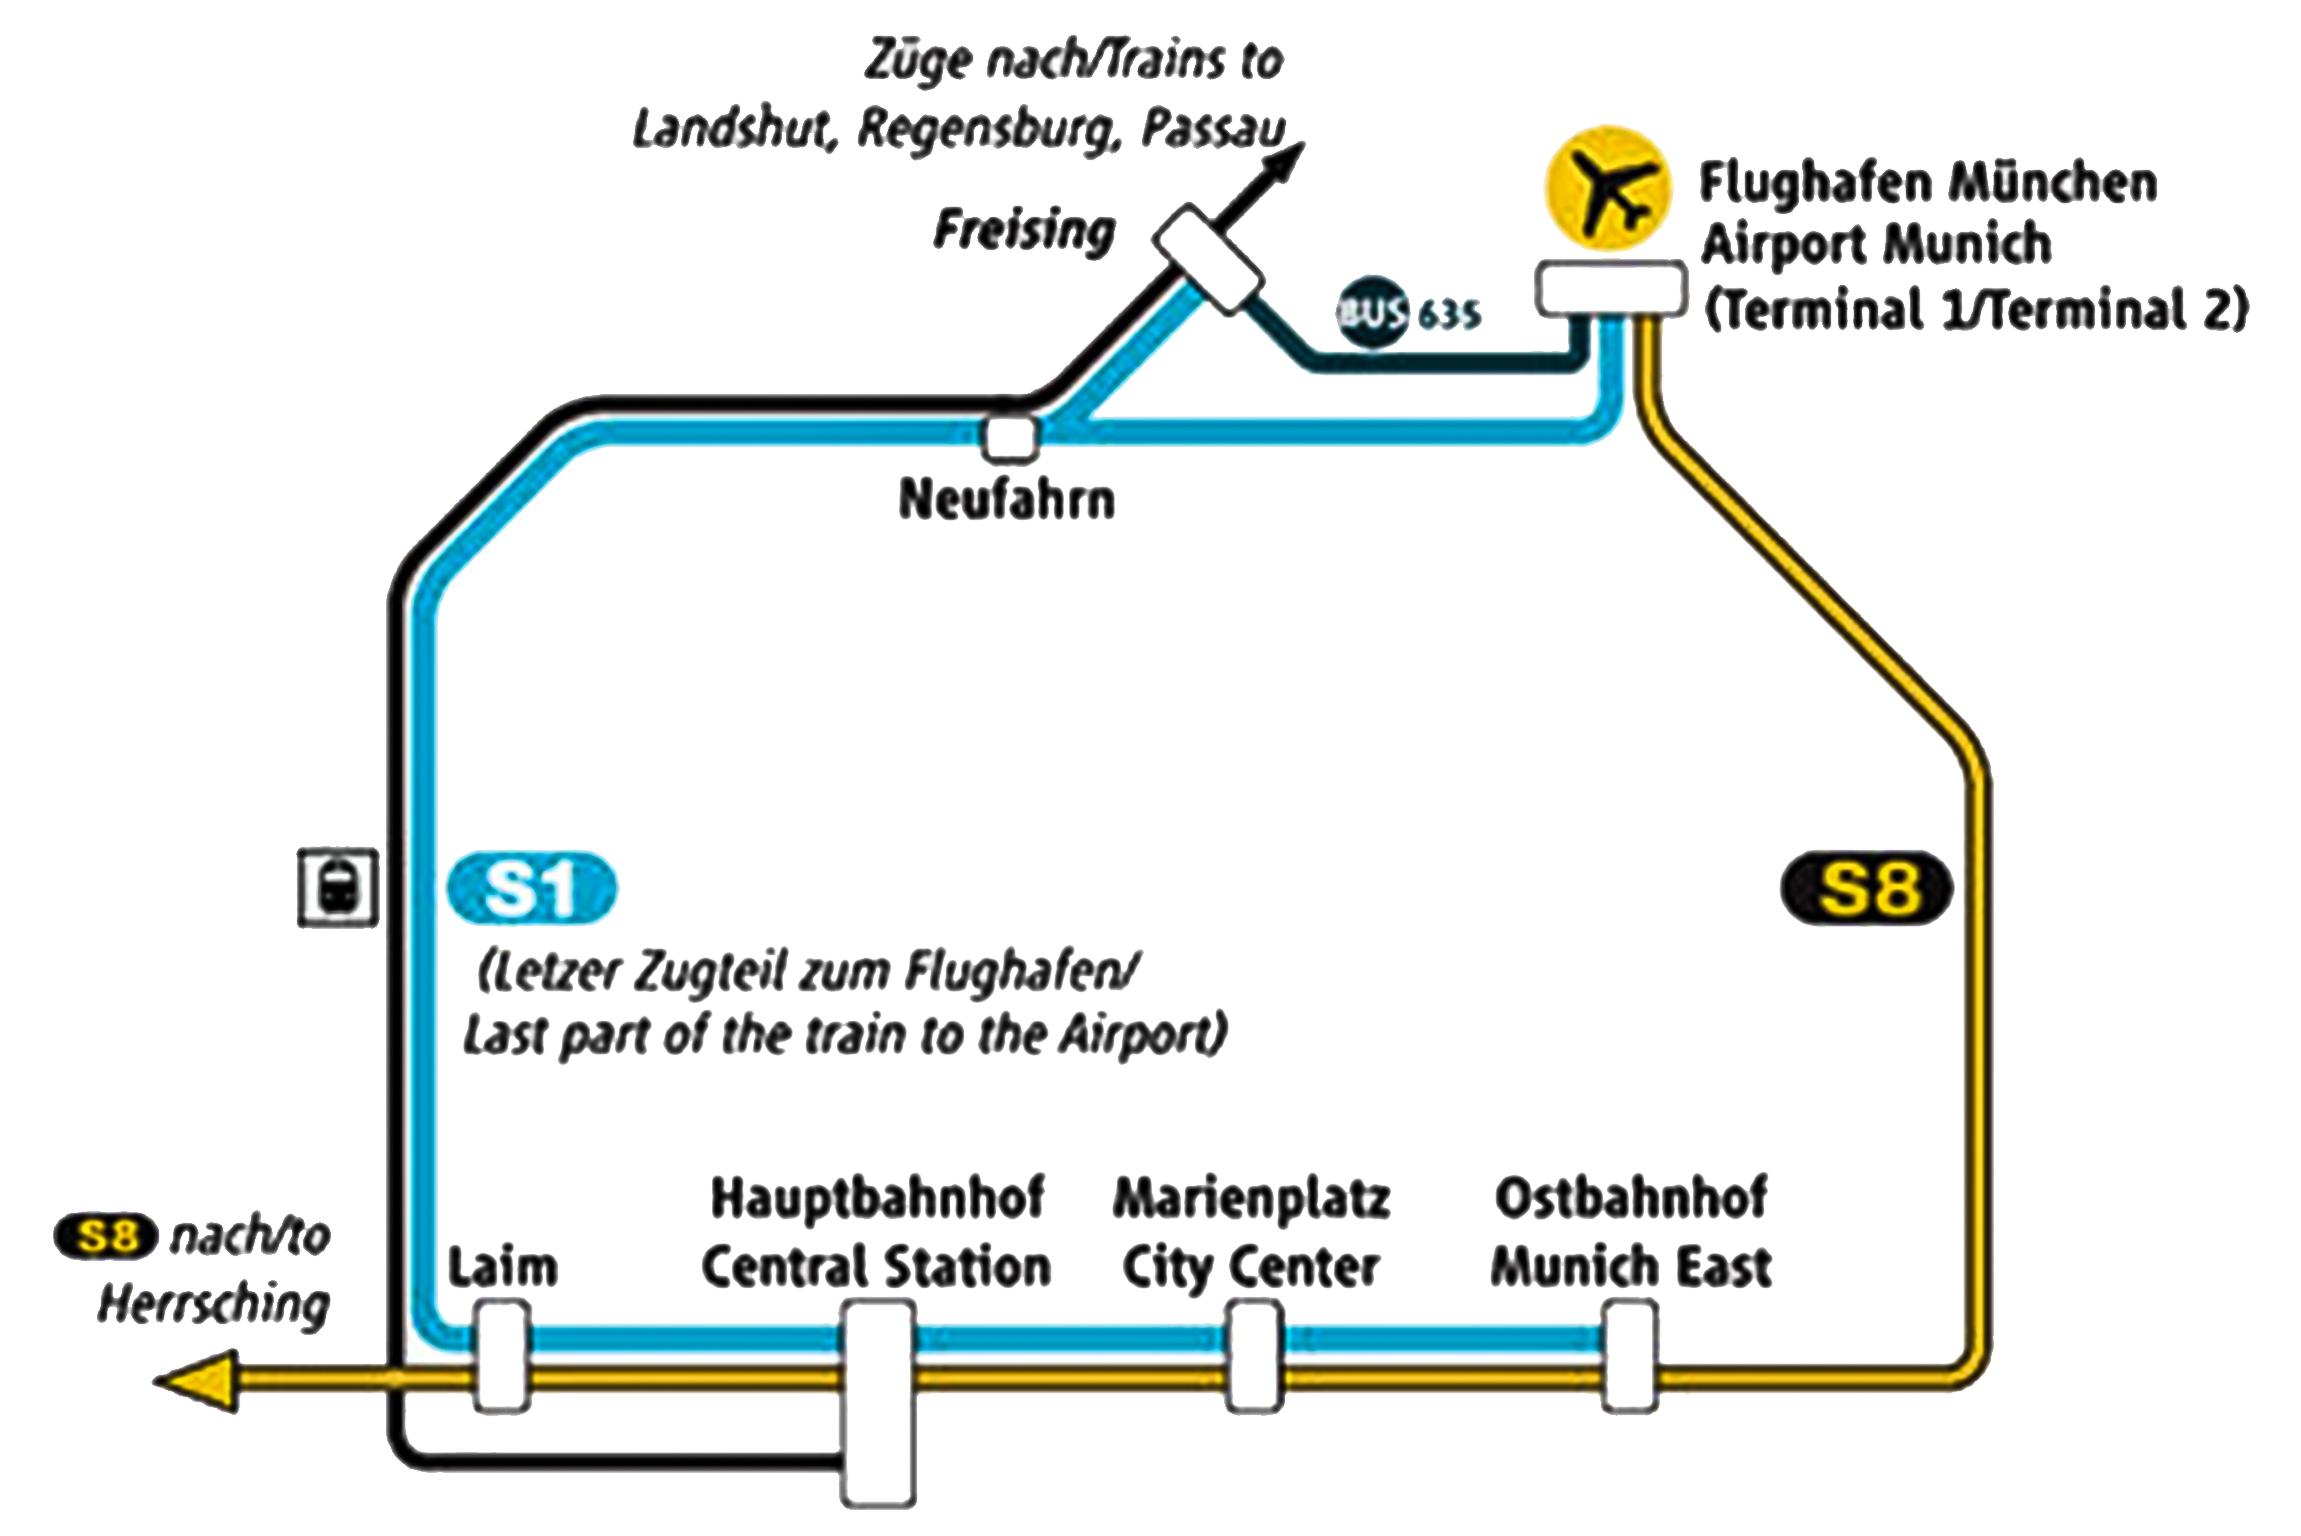 Linee del treno S1 e S8 per arrivare al centro di Monaco di Baviera dall'aeroporto (https://www.mvv-muenchen.de)